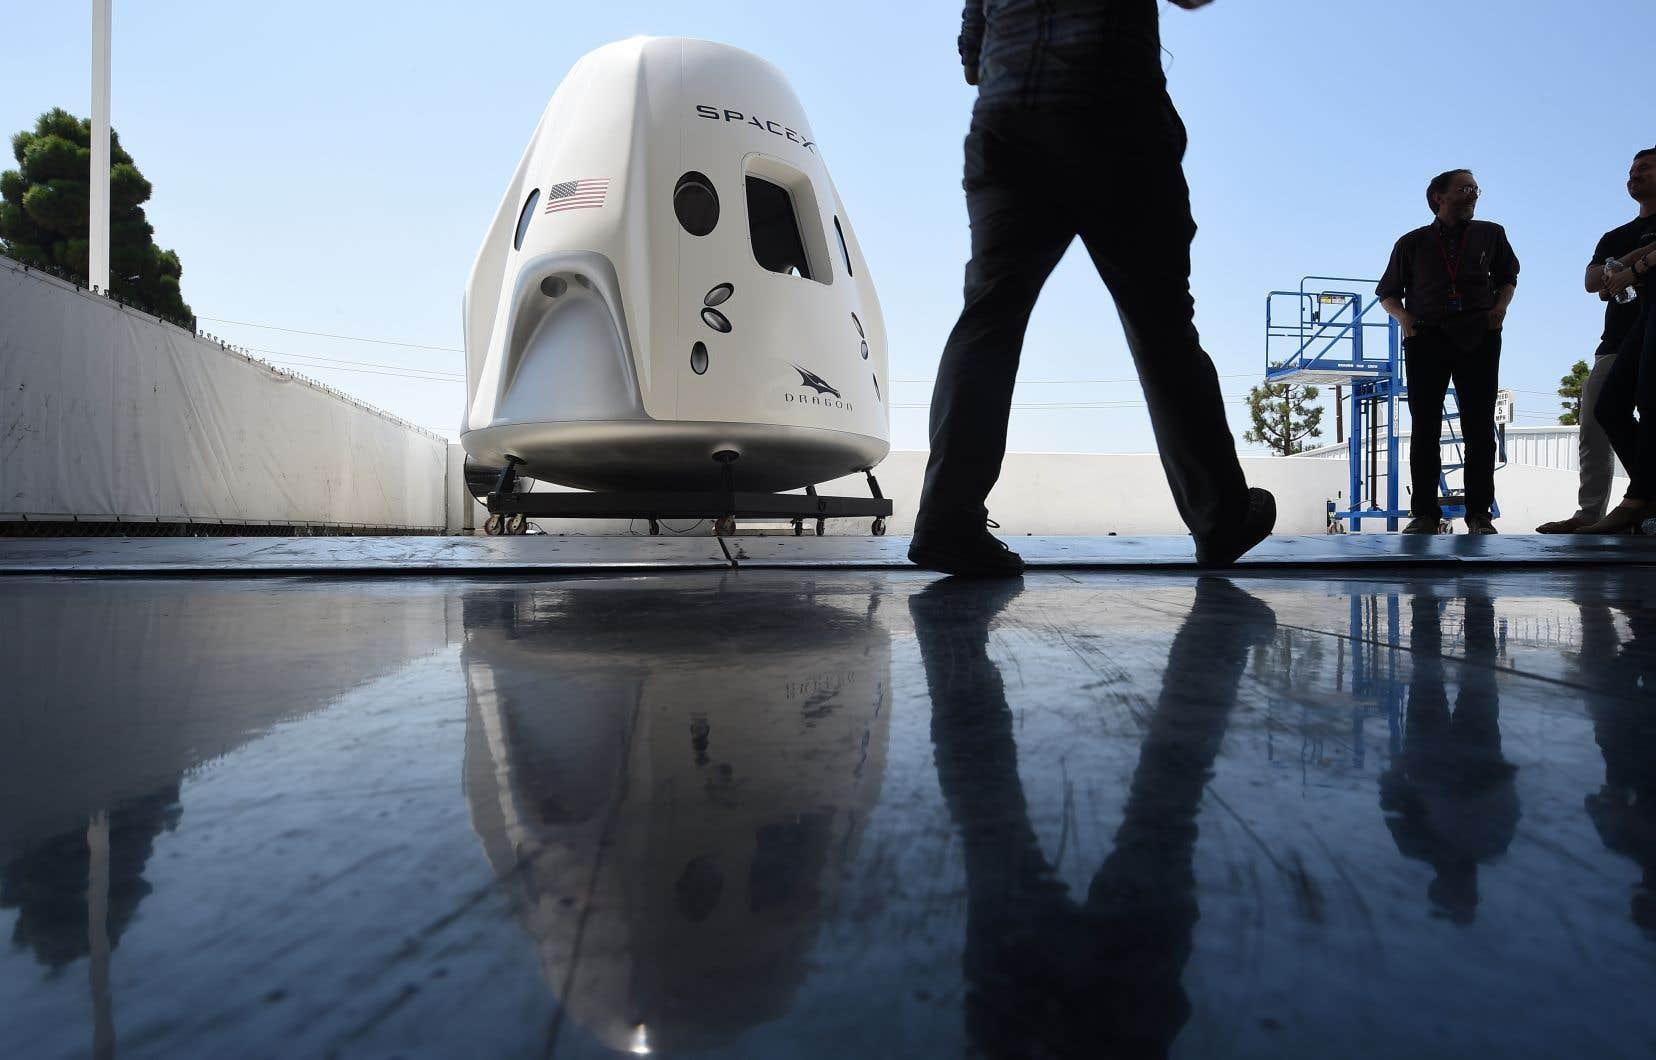 Selon un courriel de la présidente de SpaceX, Gwynne Shotwell, envoyé aux employés, cette réduction d'effectifs «est une décision très difficile mais nécessaire».